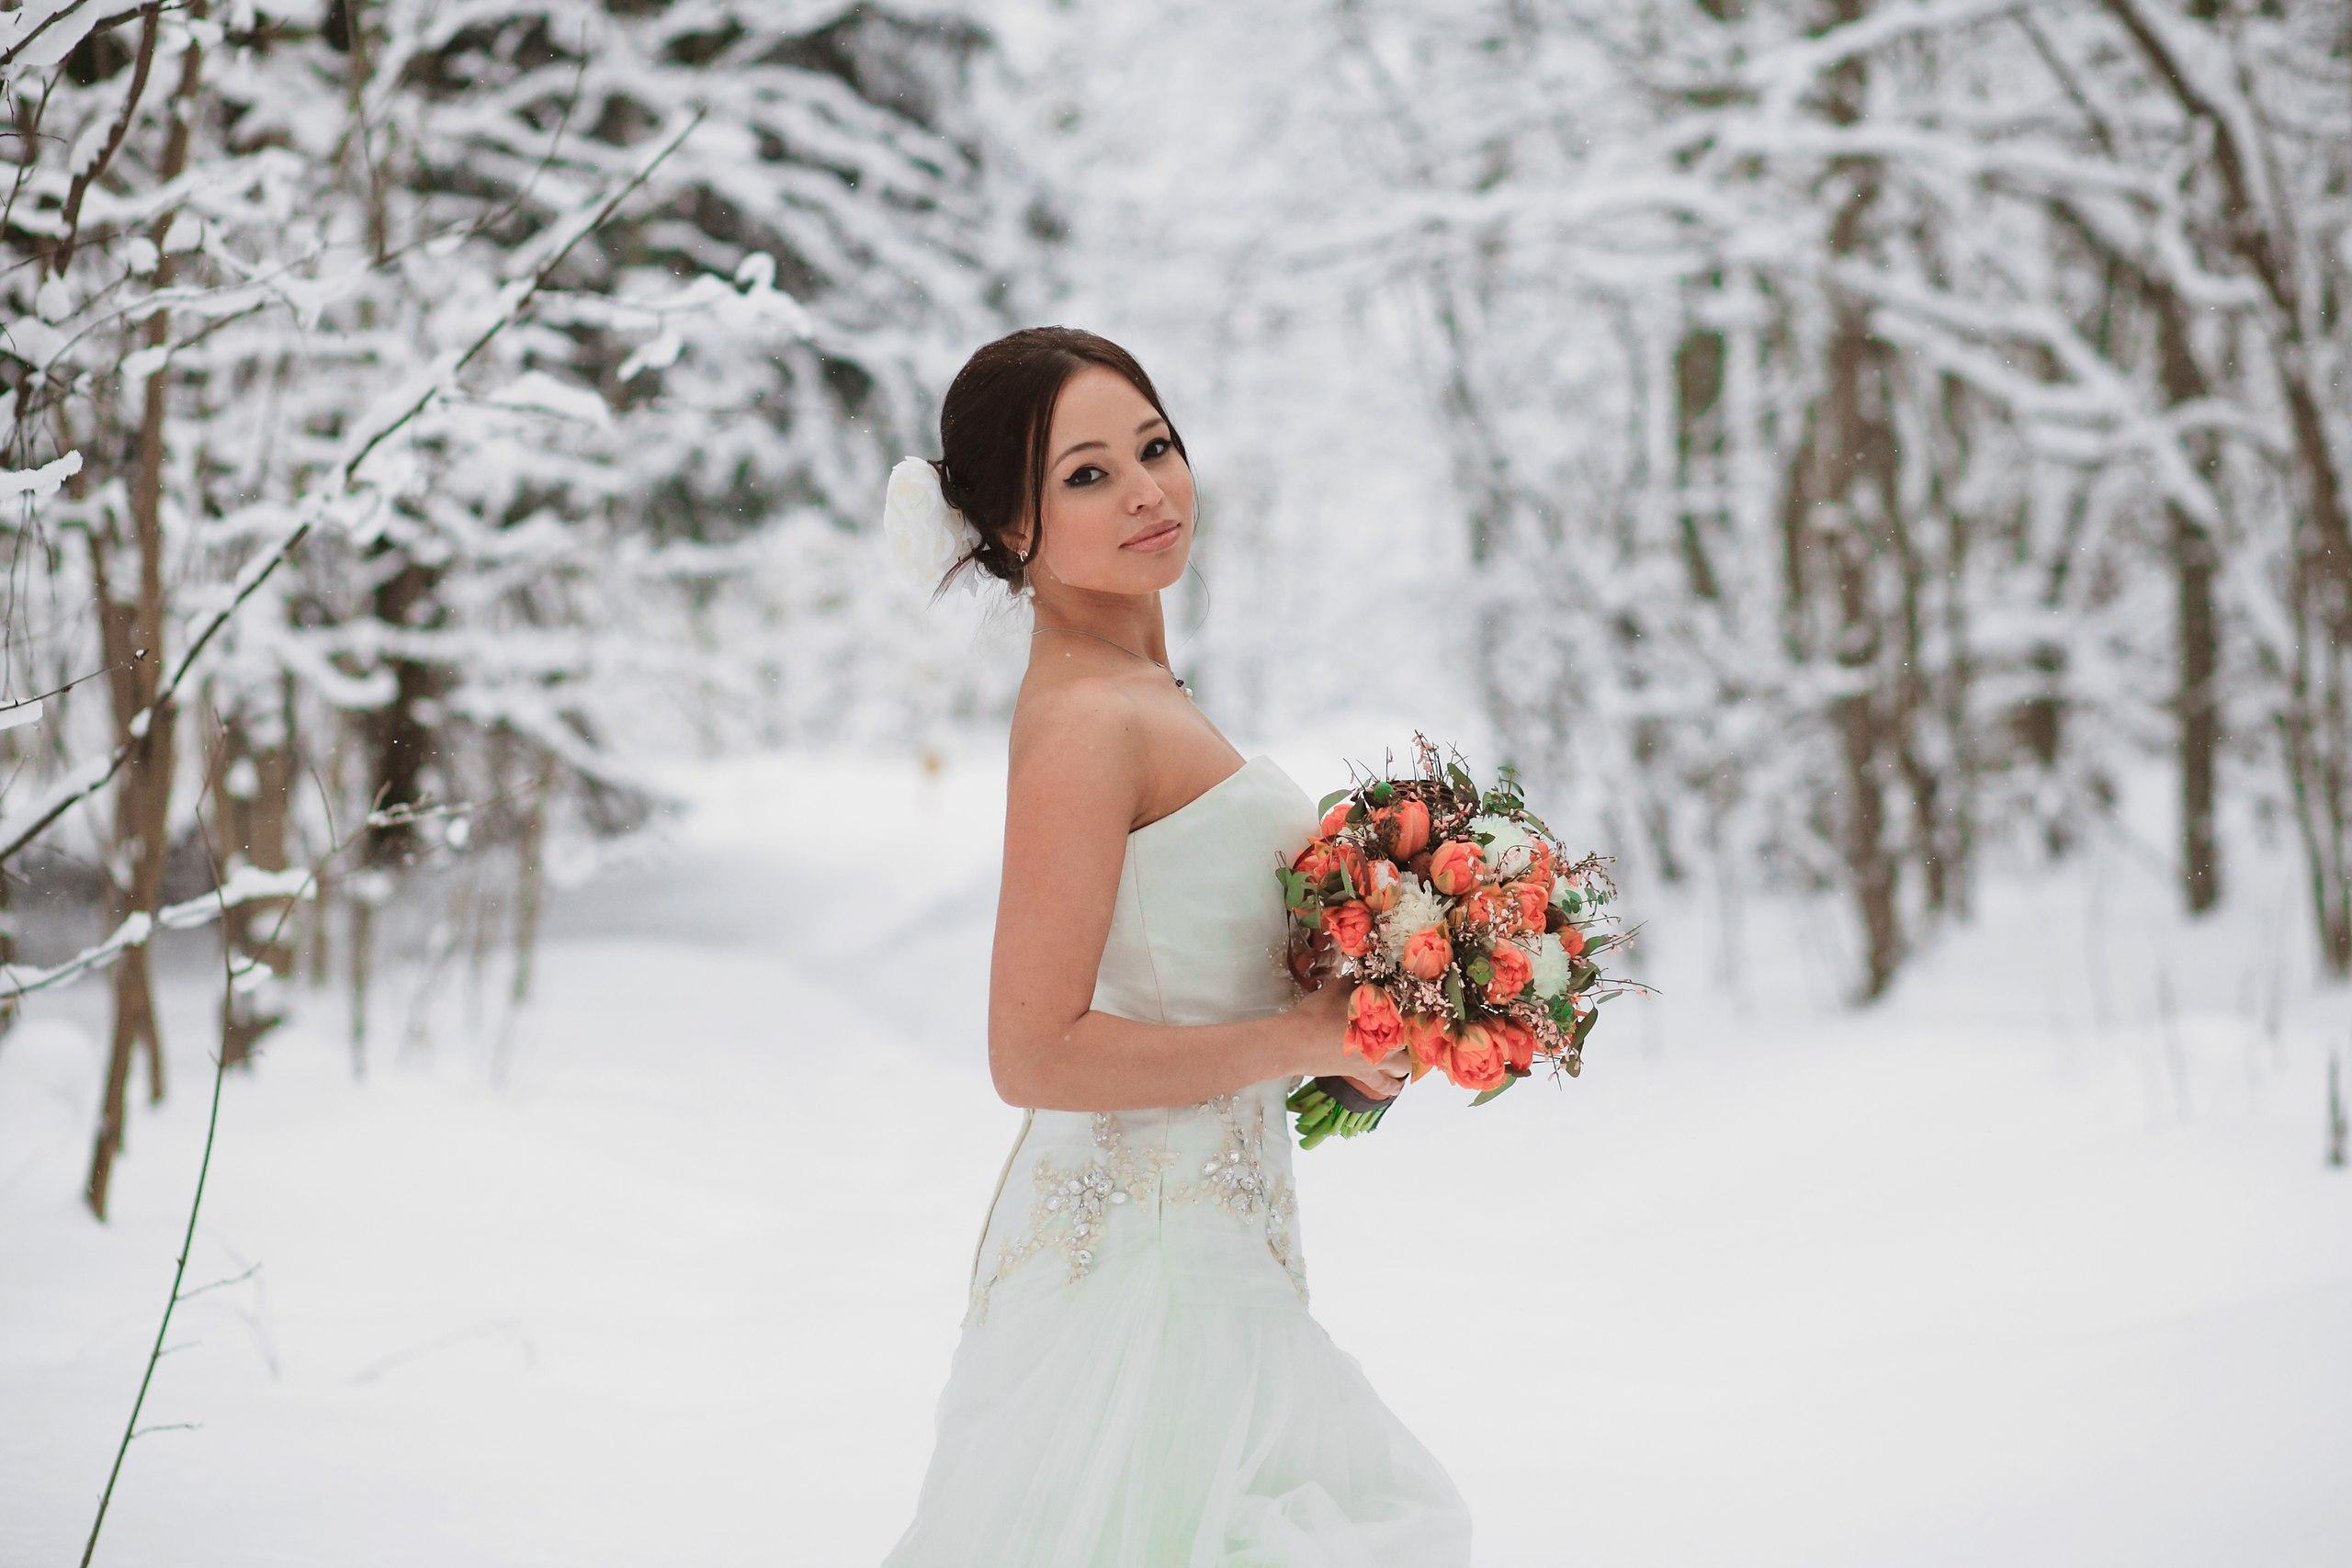 YvdtuKmezA - Как сократить бюджет свадьбы